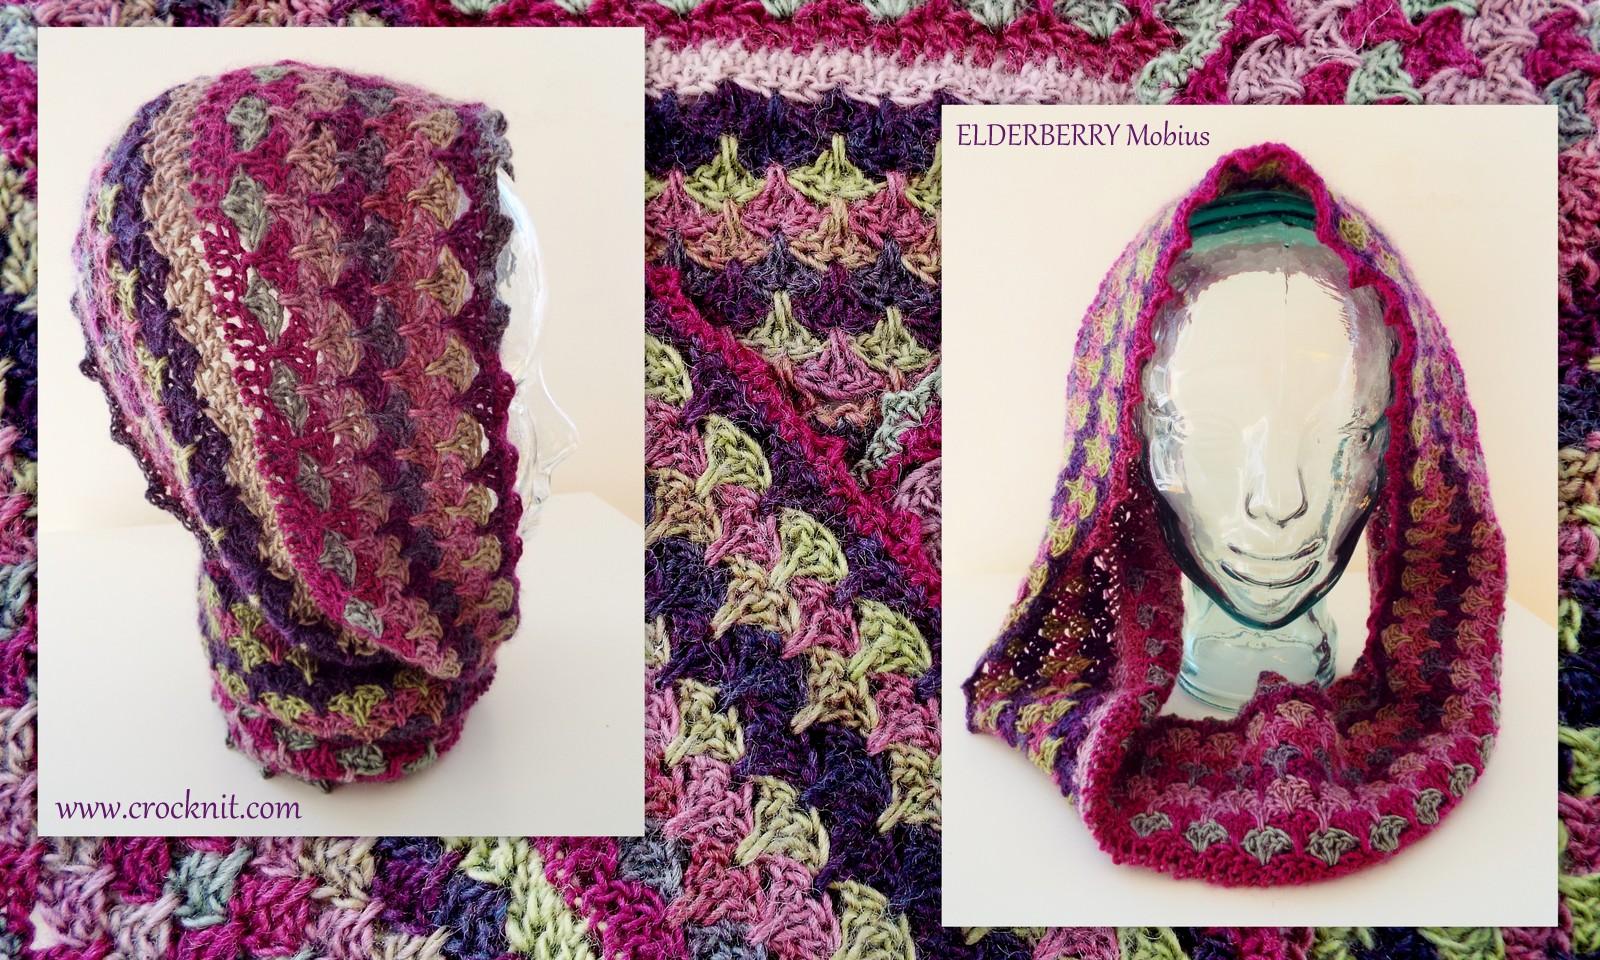 MICROCKNIT CREATIONS: ELDERBERRY Mobius Crochet Pattern